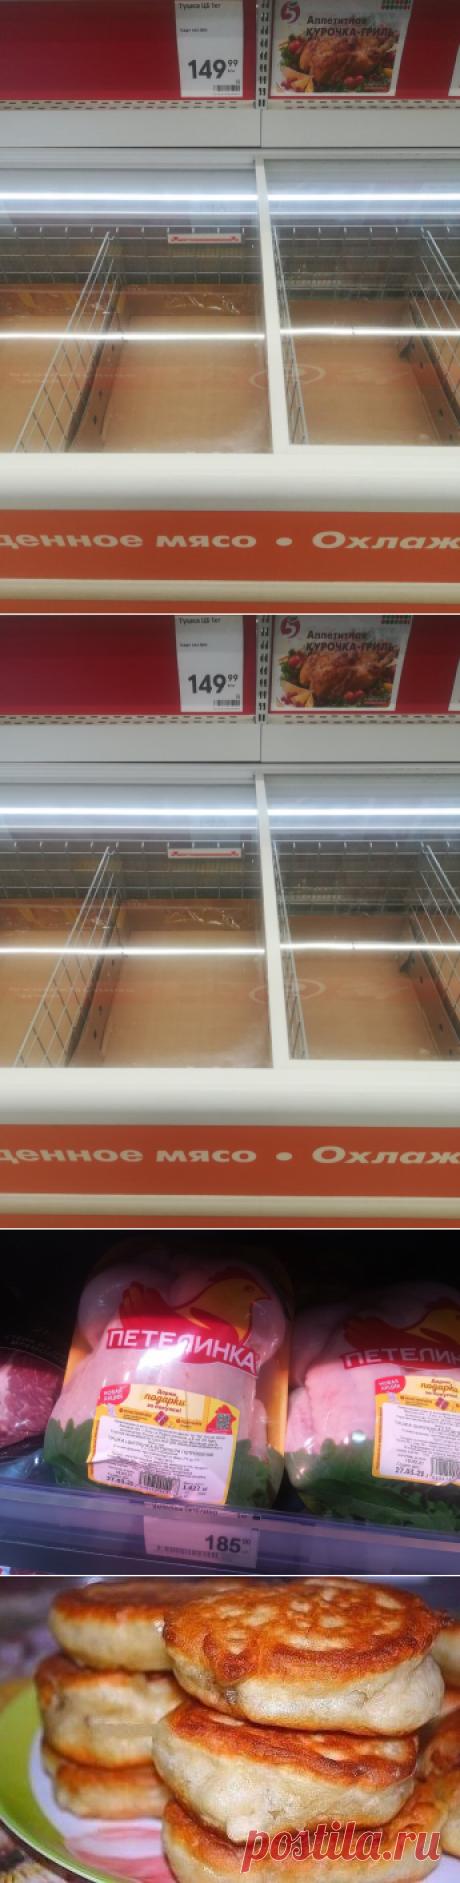 В магазинах кура уже почти 150 рублей, но и она исчезла. Остались одни ценники. Где сдерживание цен? Я уже писала и выкладывала на канале статью о том, как растут... Читай дальше на сайте. Жми подробнее ➡